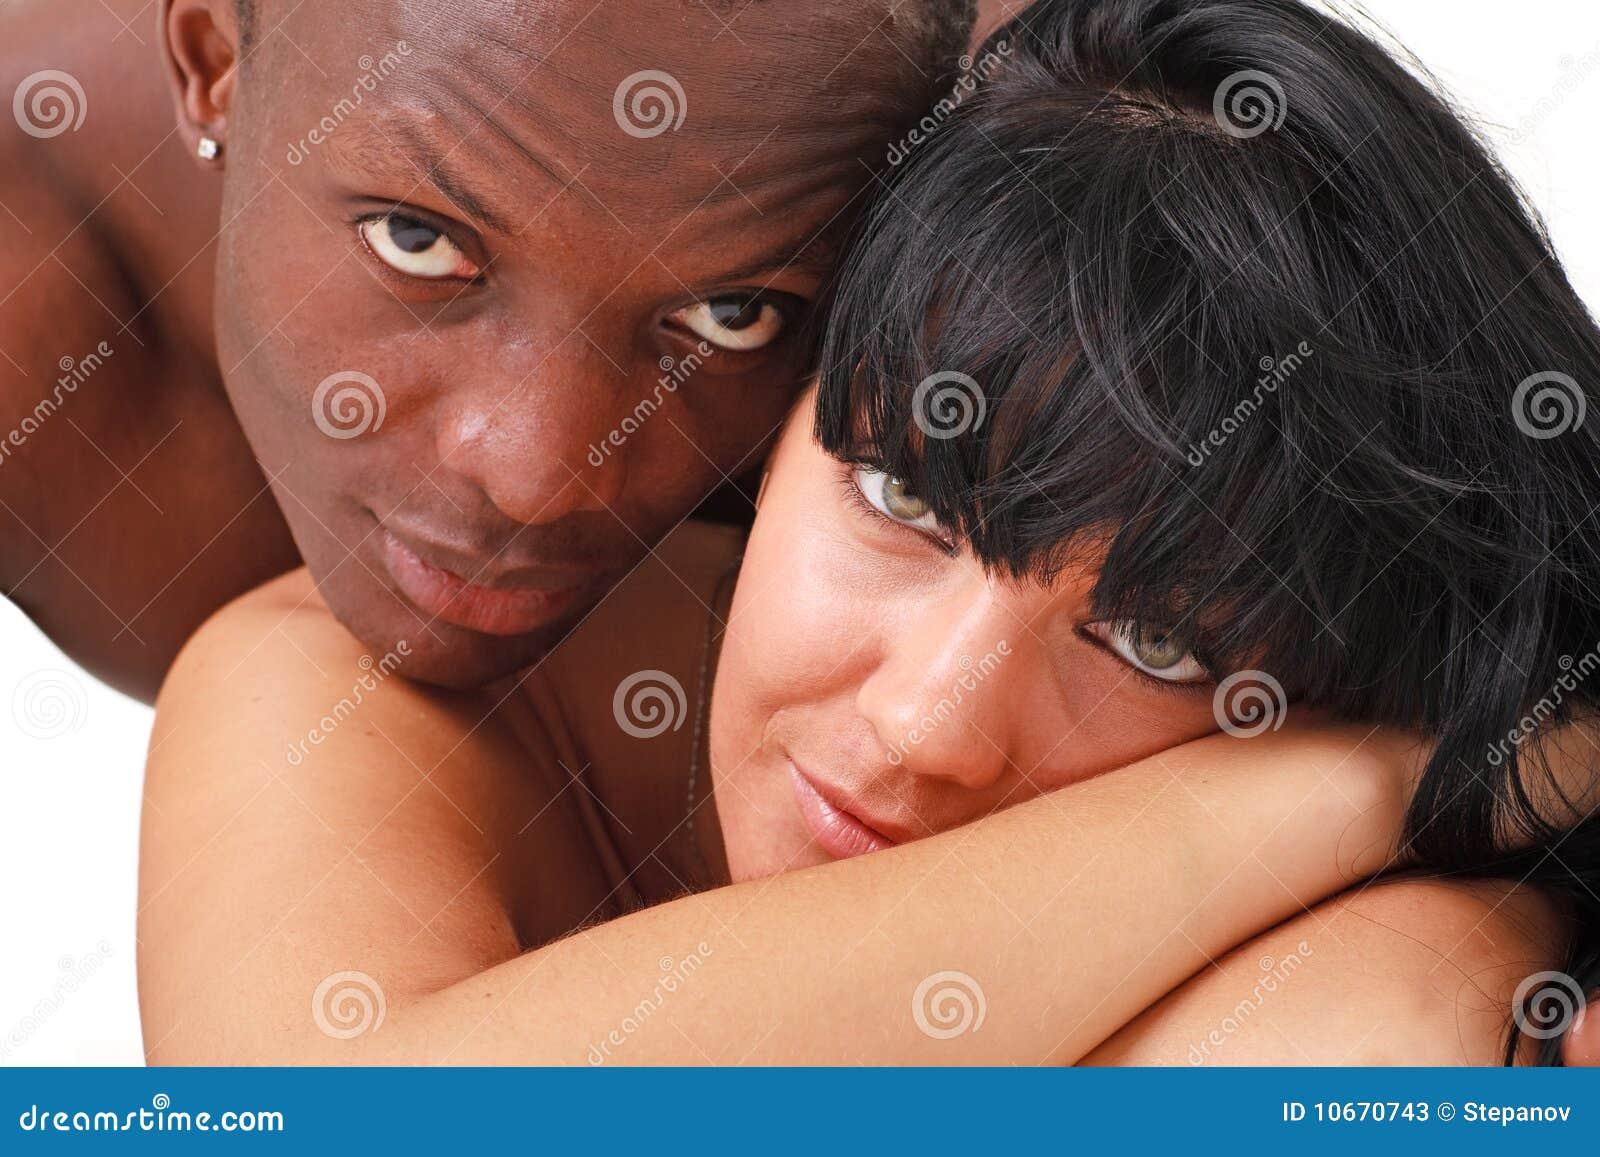 schwarzer Mann und weiße Frau küssen